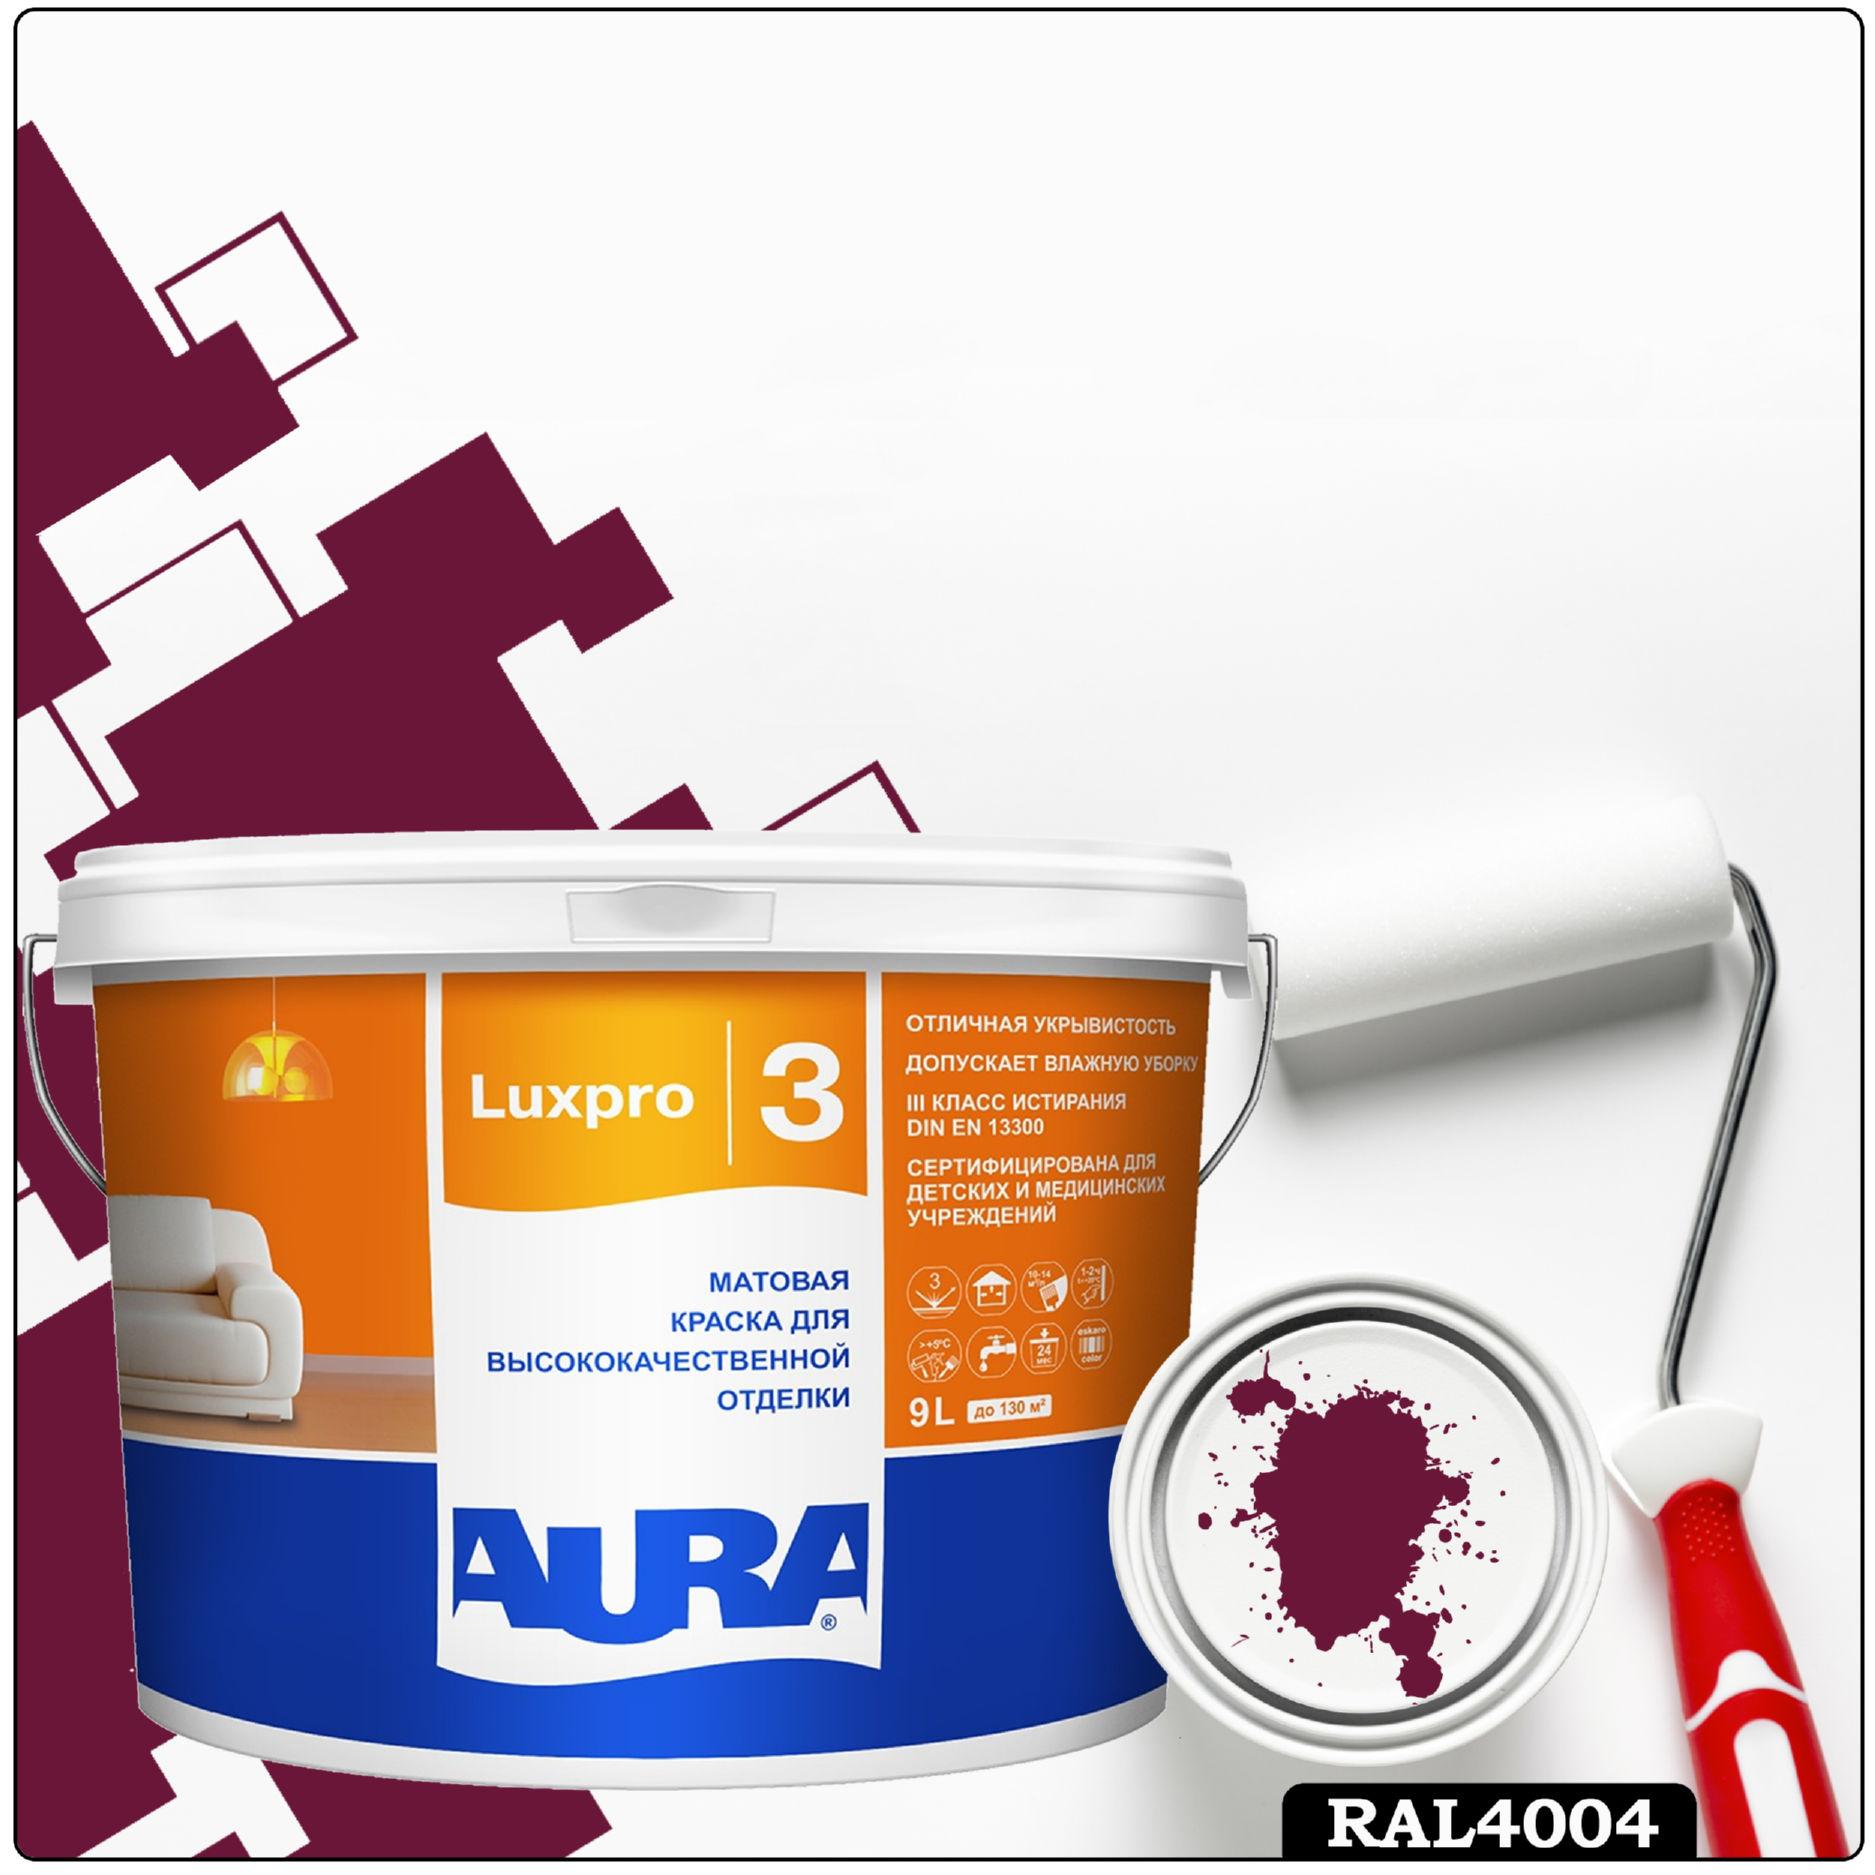 Фото 4 - Краска Aura LuxPRO 3, RAL 4004 Бордово-фиолетовый, латексная, шелково-матовая, интерьерная, 9л, Аура.